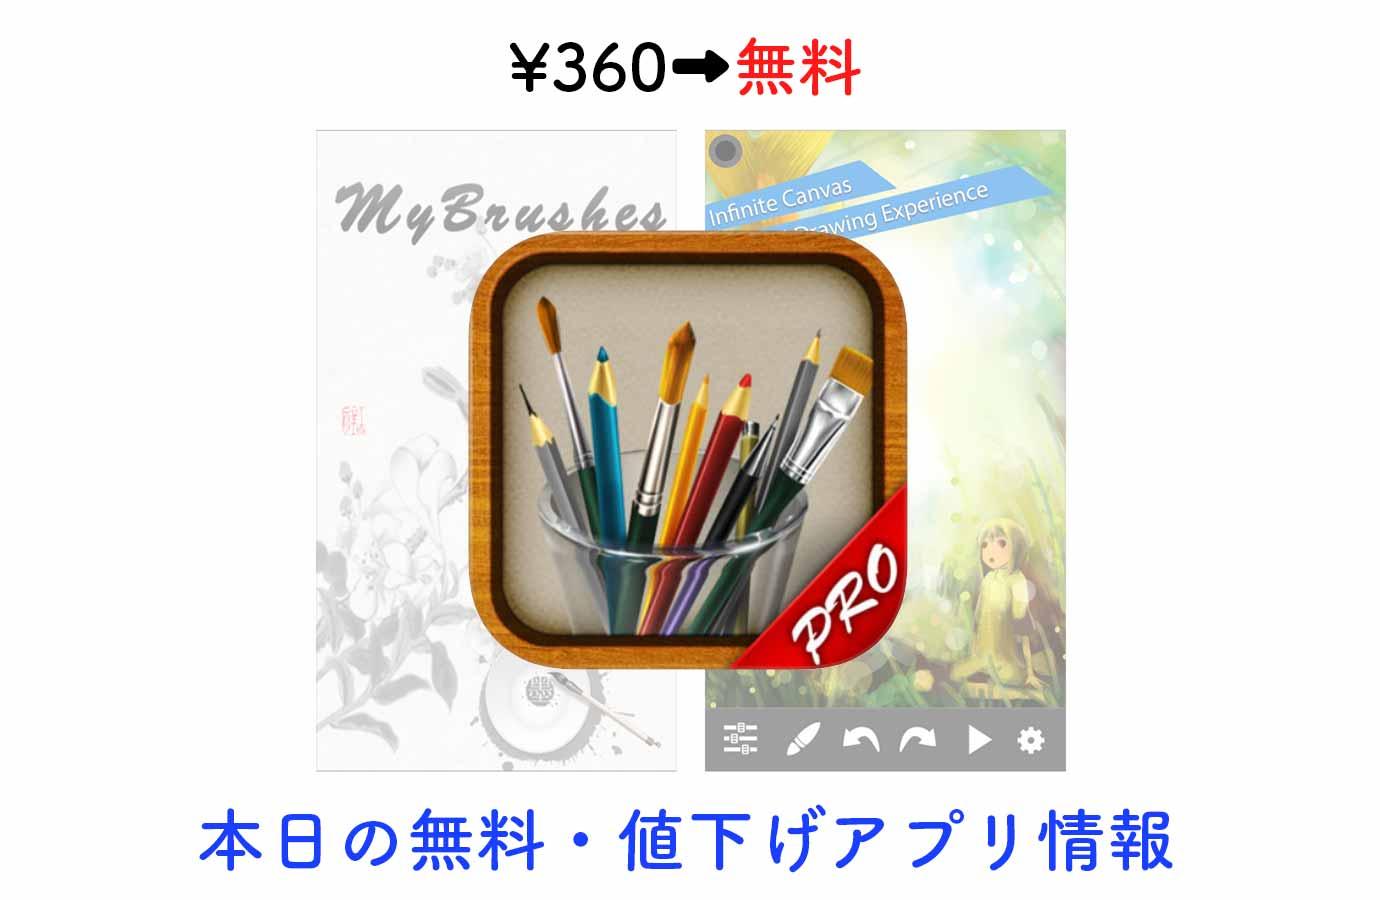 ¥360→無料、ブラシの種類が豊富なペイントアプリ「MyBrushes Pro」など【7/29】本日の無料・値下げアプリ情報